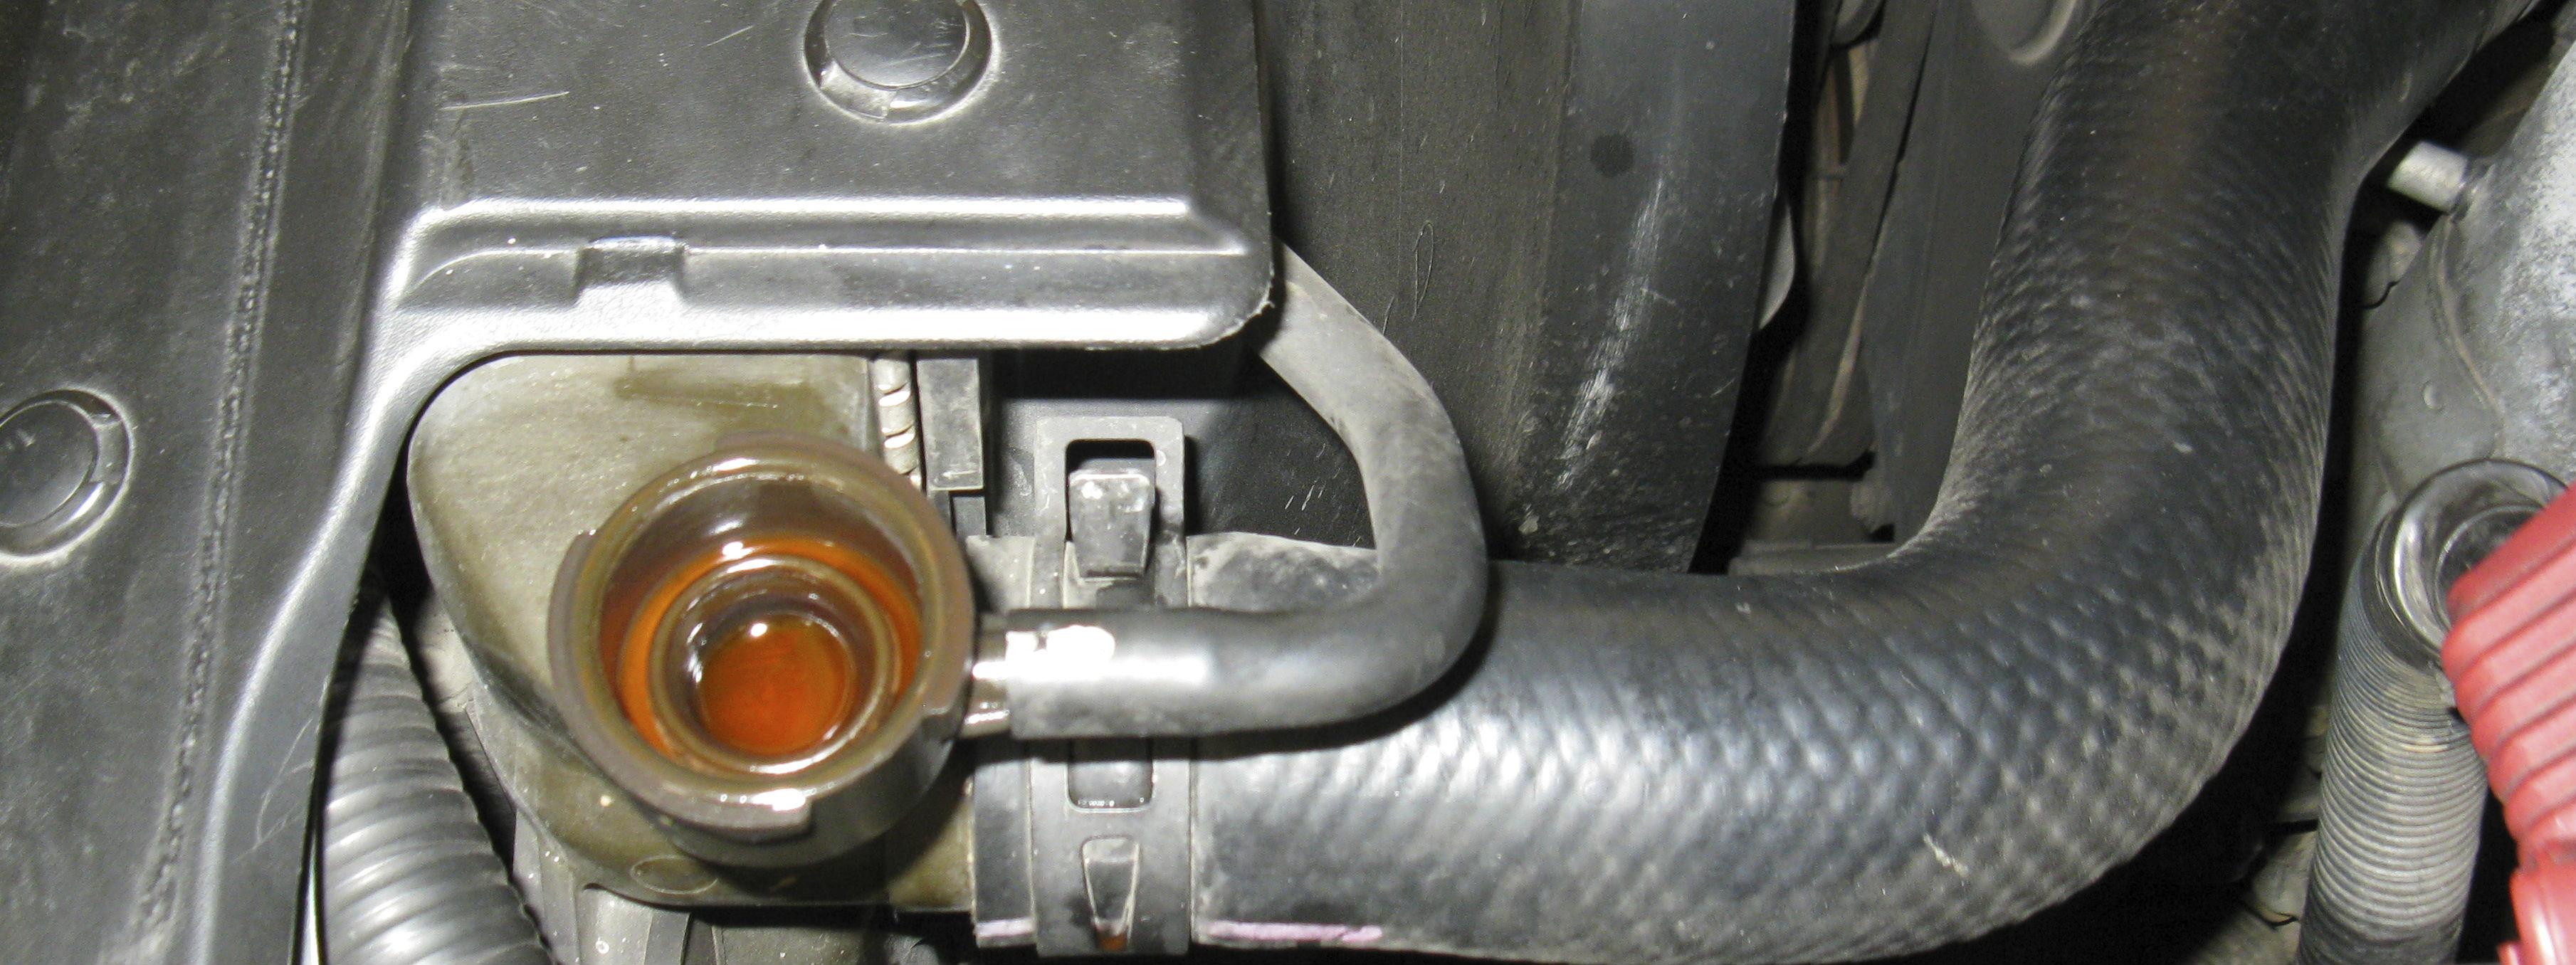 Motorskift og arbejde med motordele